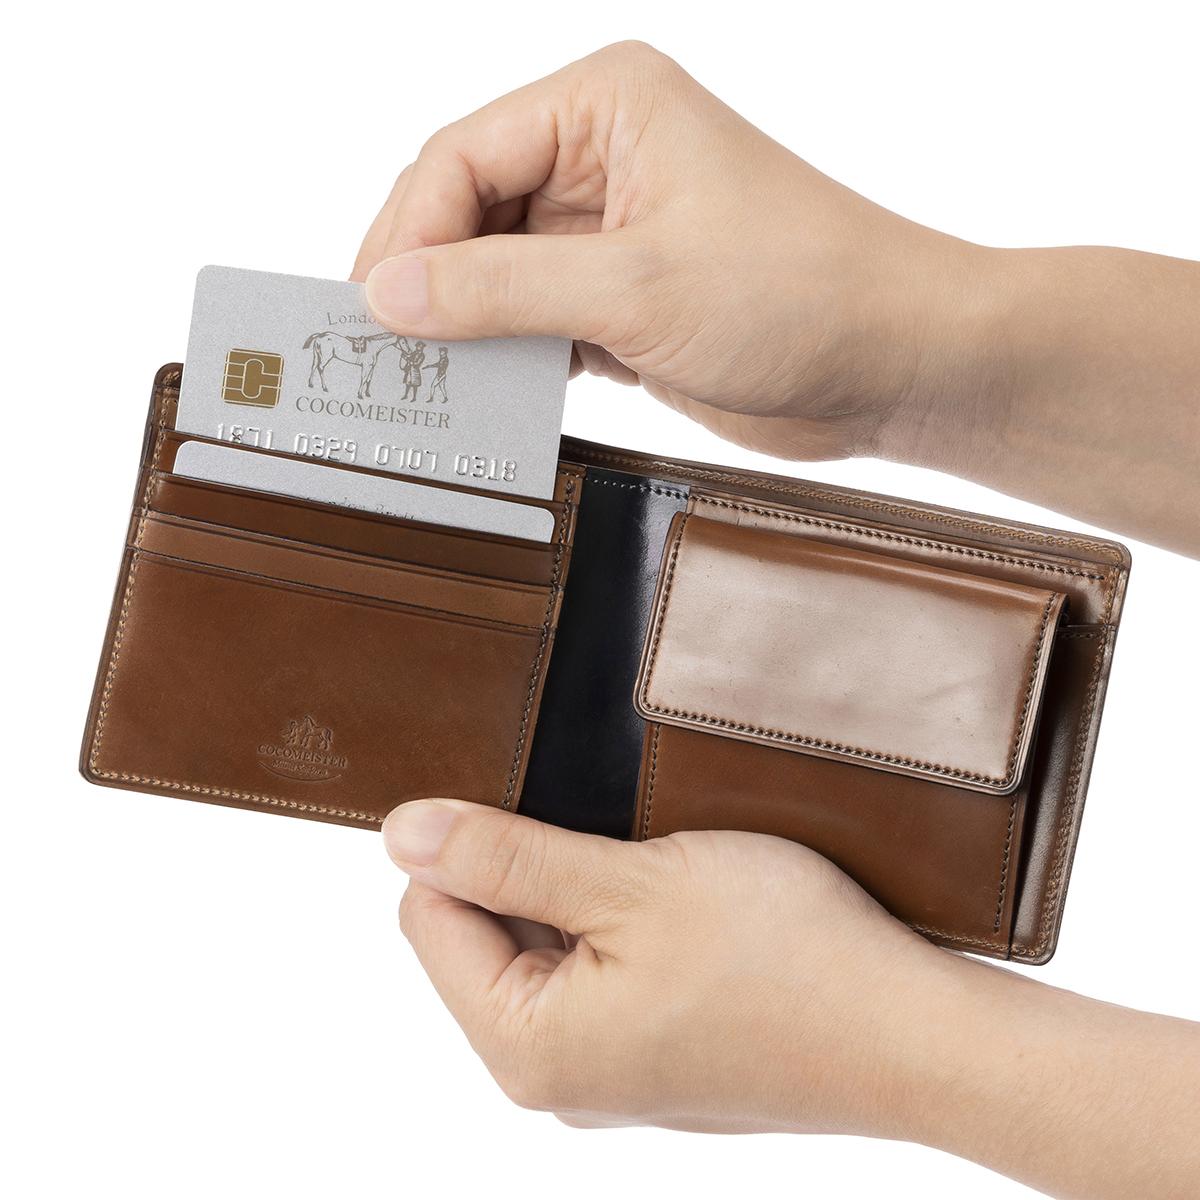 シェルコードバン ジョンブルのカードポケット